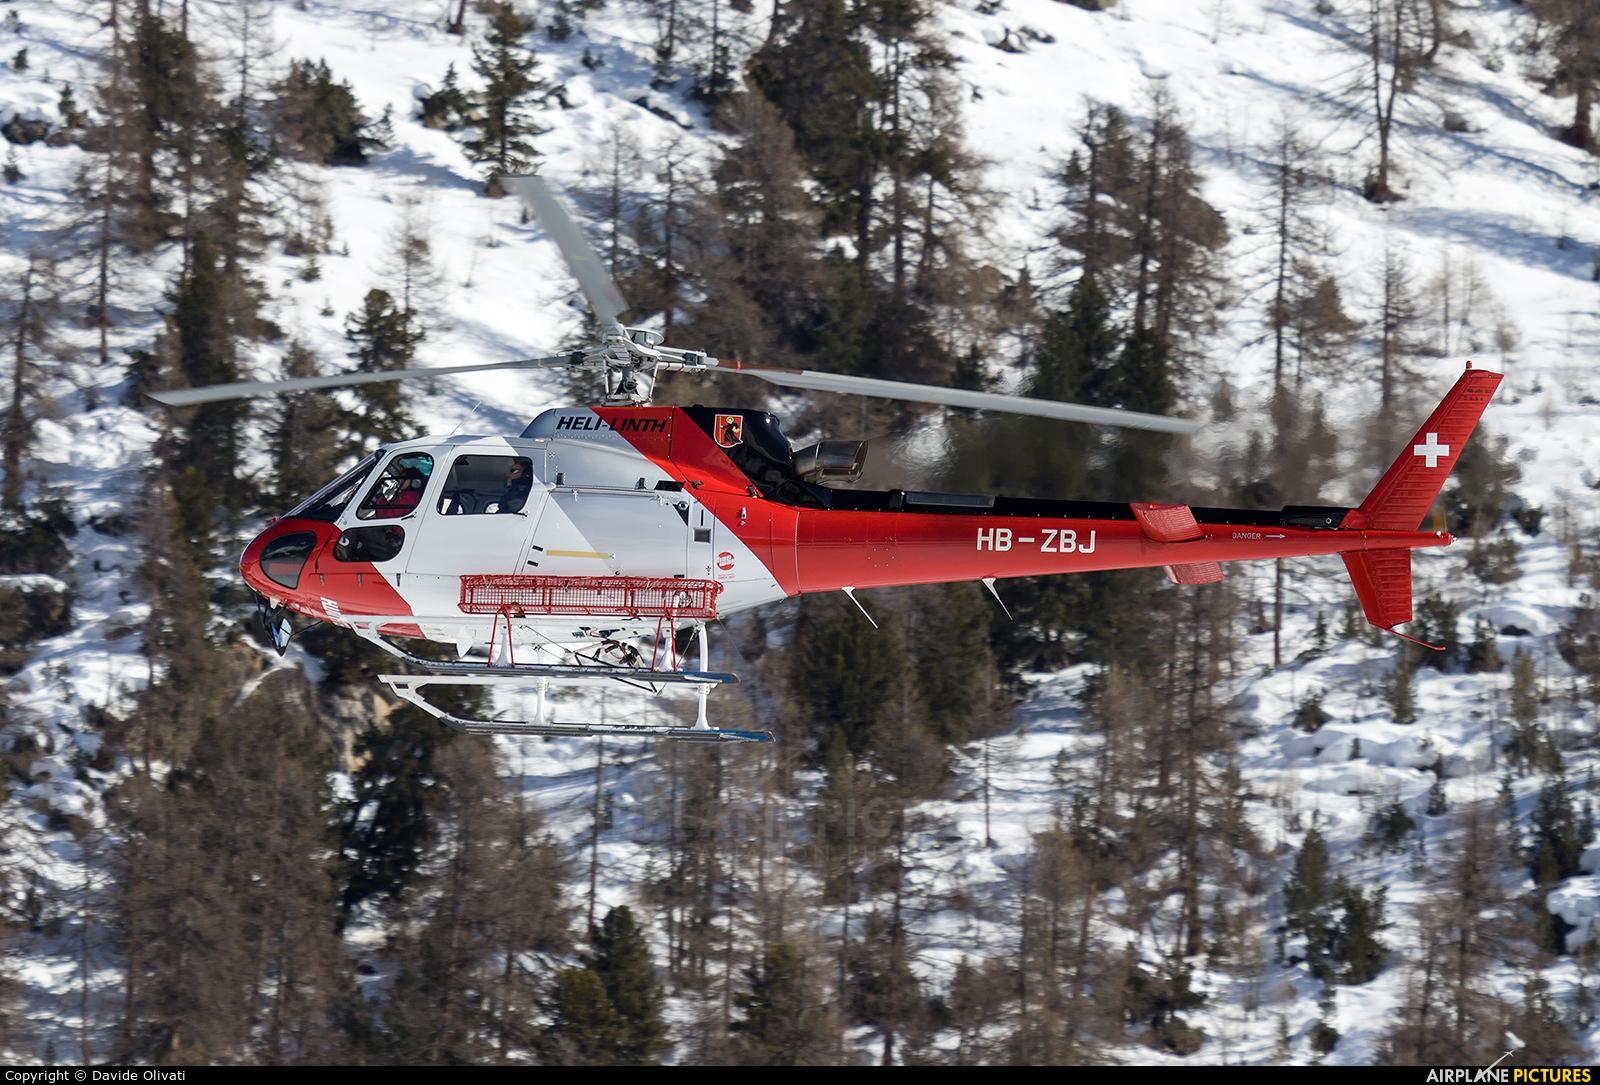 Heli Linth HB-ZBJ aircraft at Samedan - Engadin